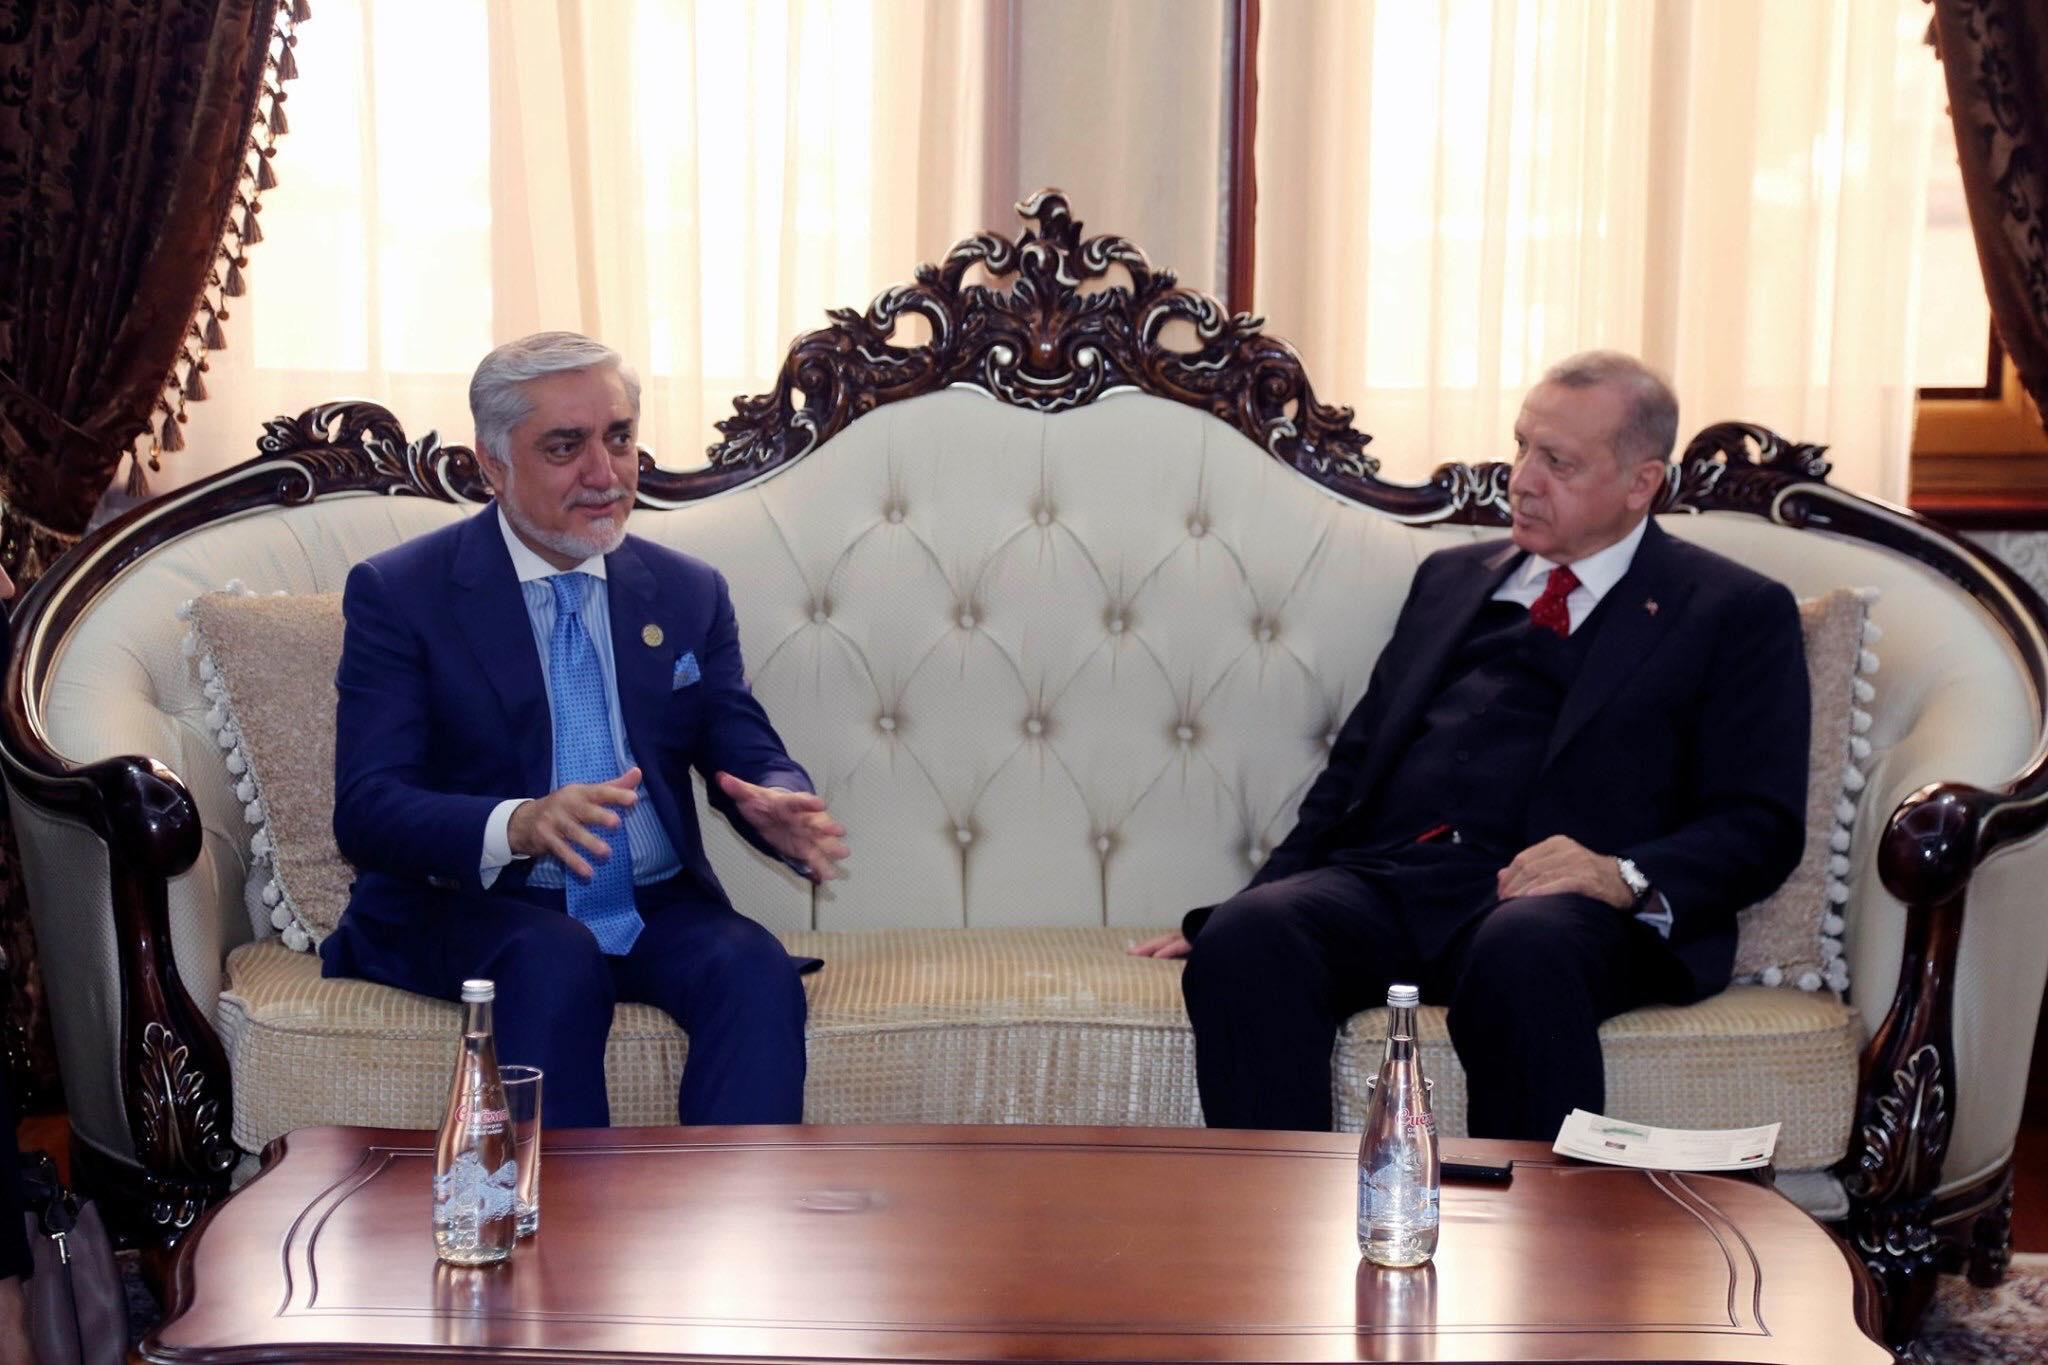 ملاقات با جلالتمآب رجب طیب اردوغان، رئیس جمهور ترکیه